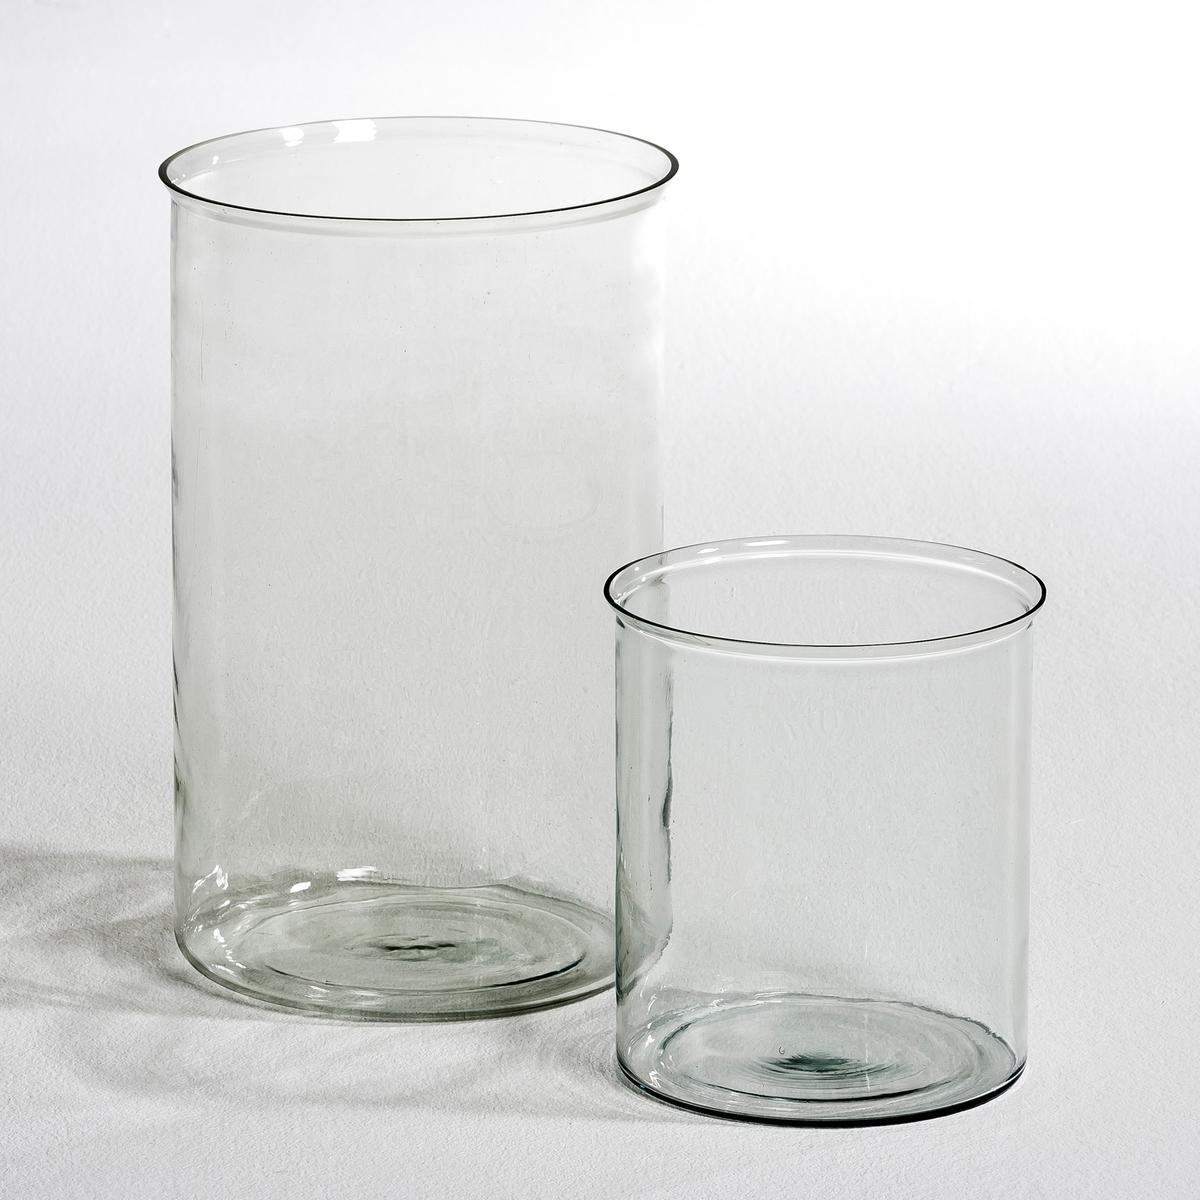 Ваза из стекла Doris, малая модельВаза Doris, очаровательная большая ваза из прозрачного стекла для цветов, листьев... Необходимый предмет декора ! Также прекрасное решение для подарка...Характеристики :Из прозрачного стекла .Размеры :диаметр 18 x высота 20 см.<br><br>Цвет: прозрачный<br>Размер: единый размер